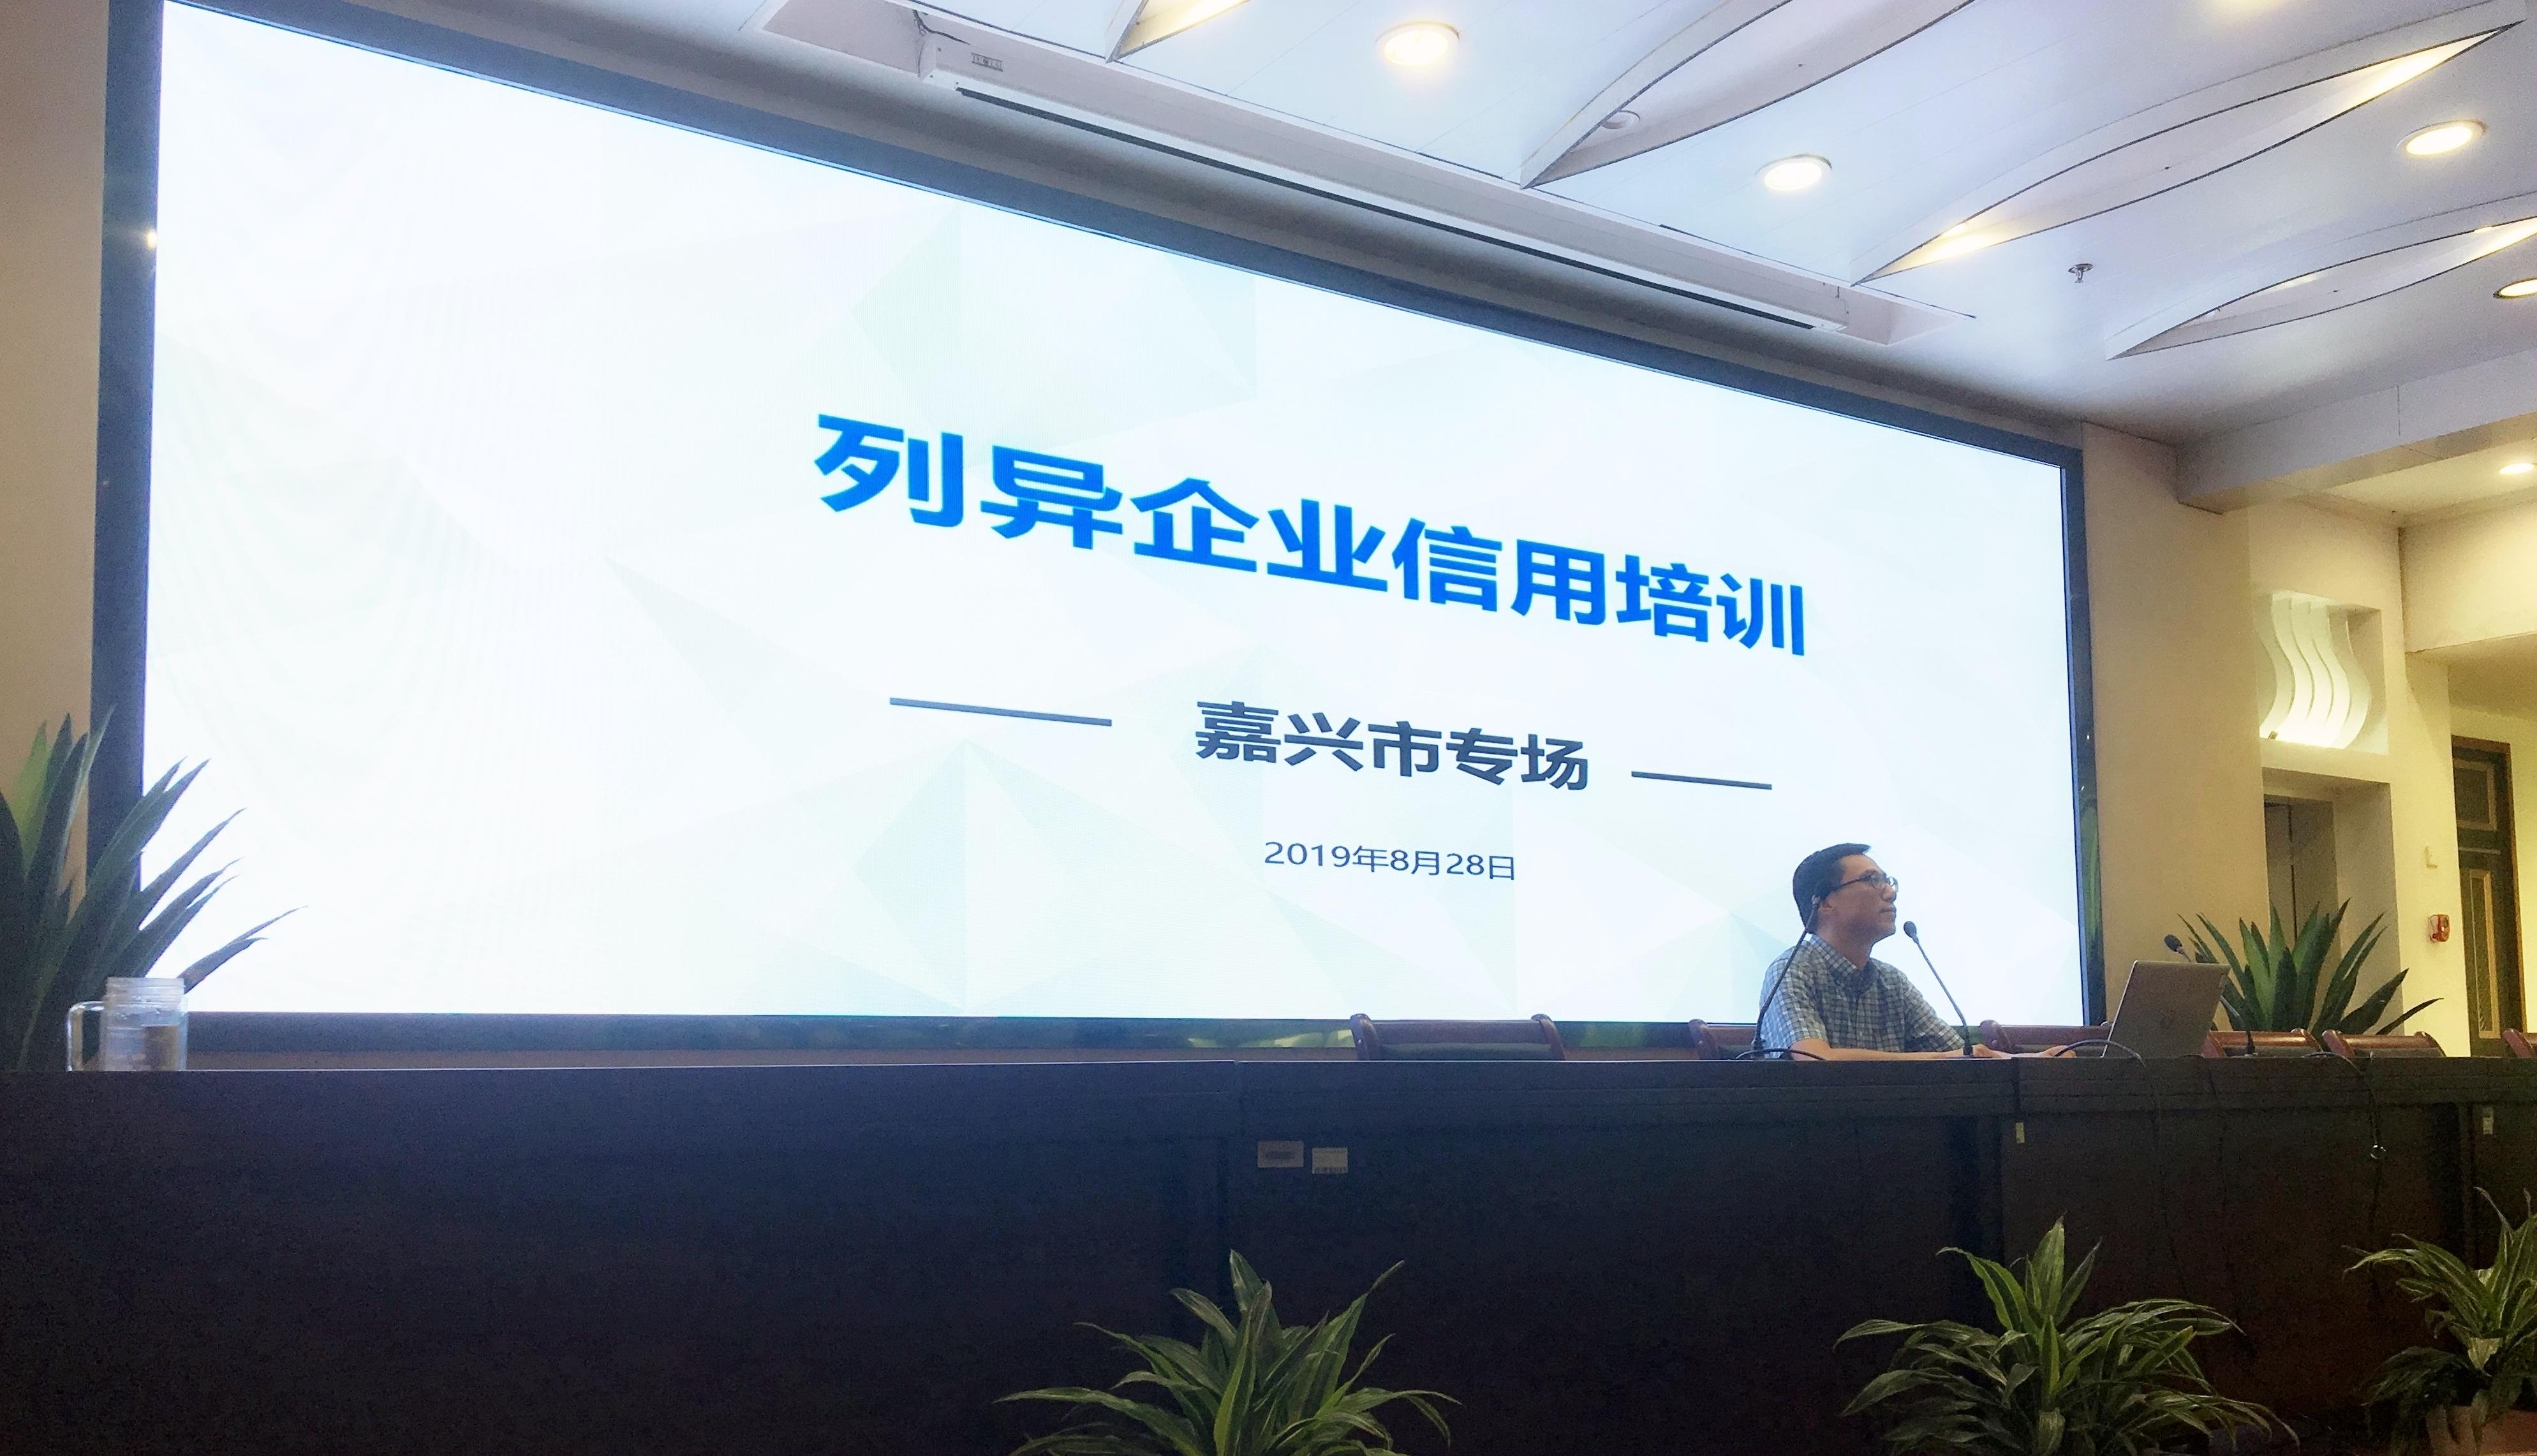 http://lpsp-cms-temp.oss-cn-shanghai.aliyuncs.com/C0ED8744CC4D4410AD6602D44A805796